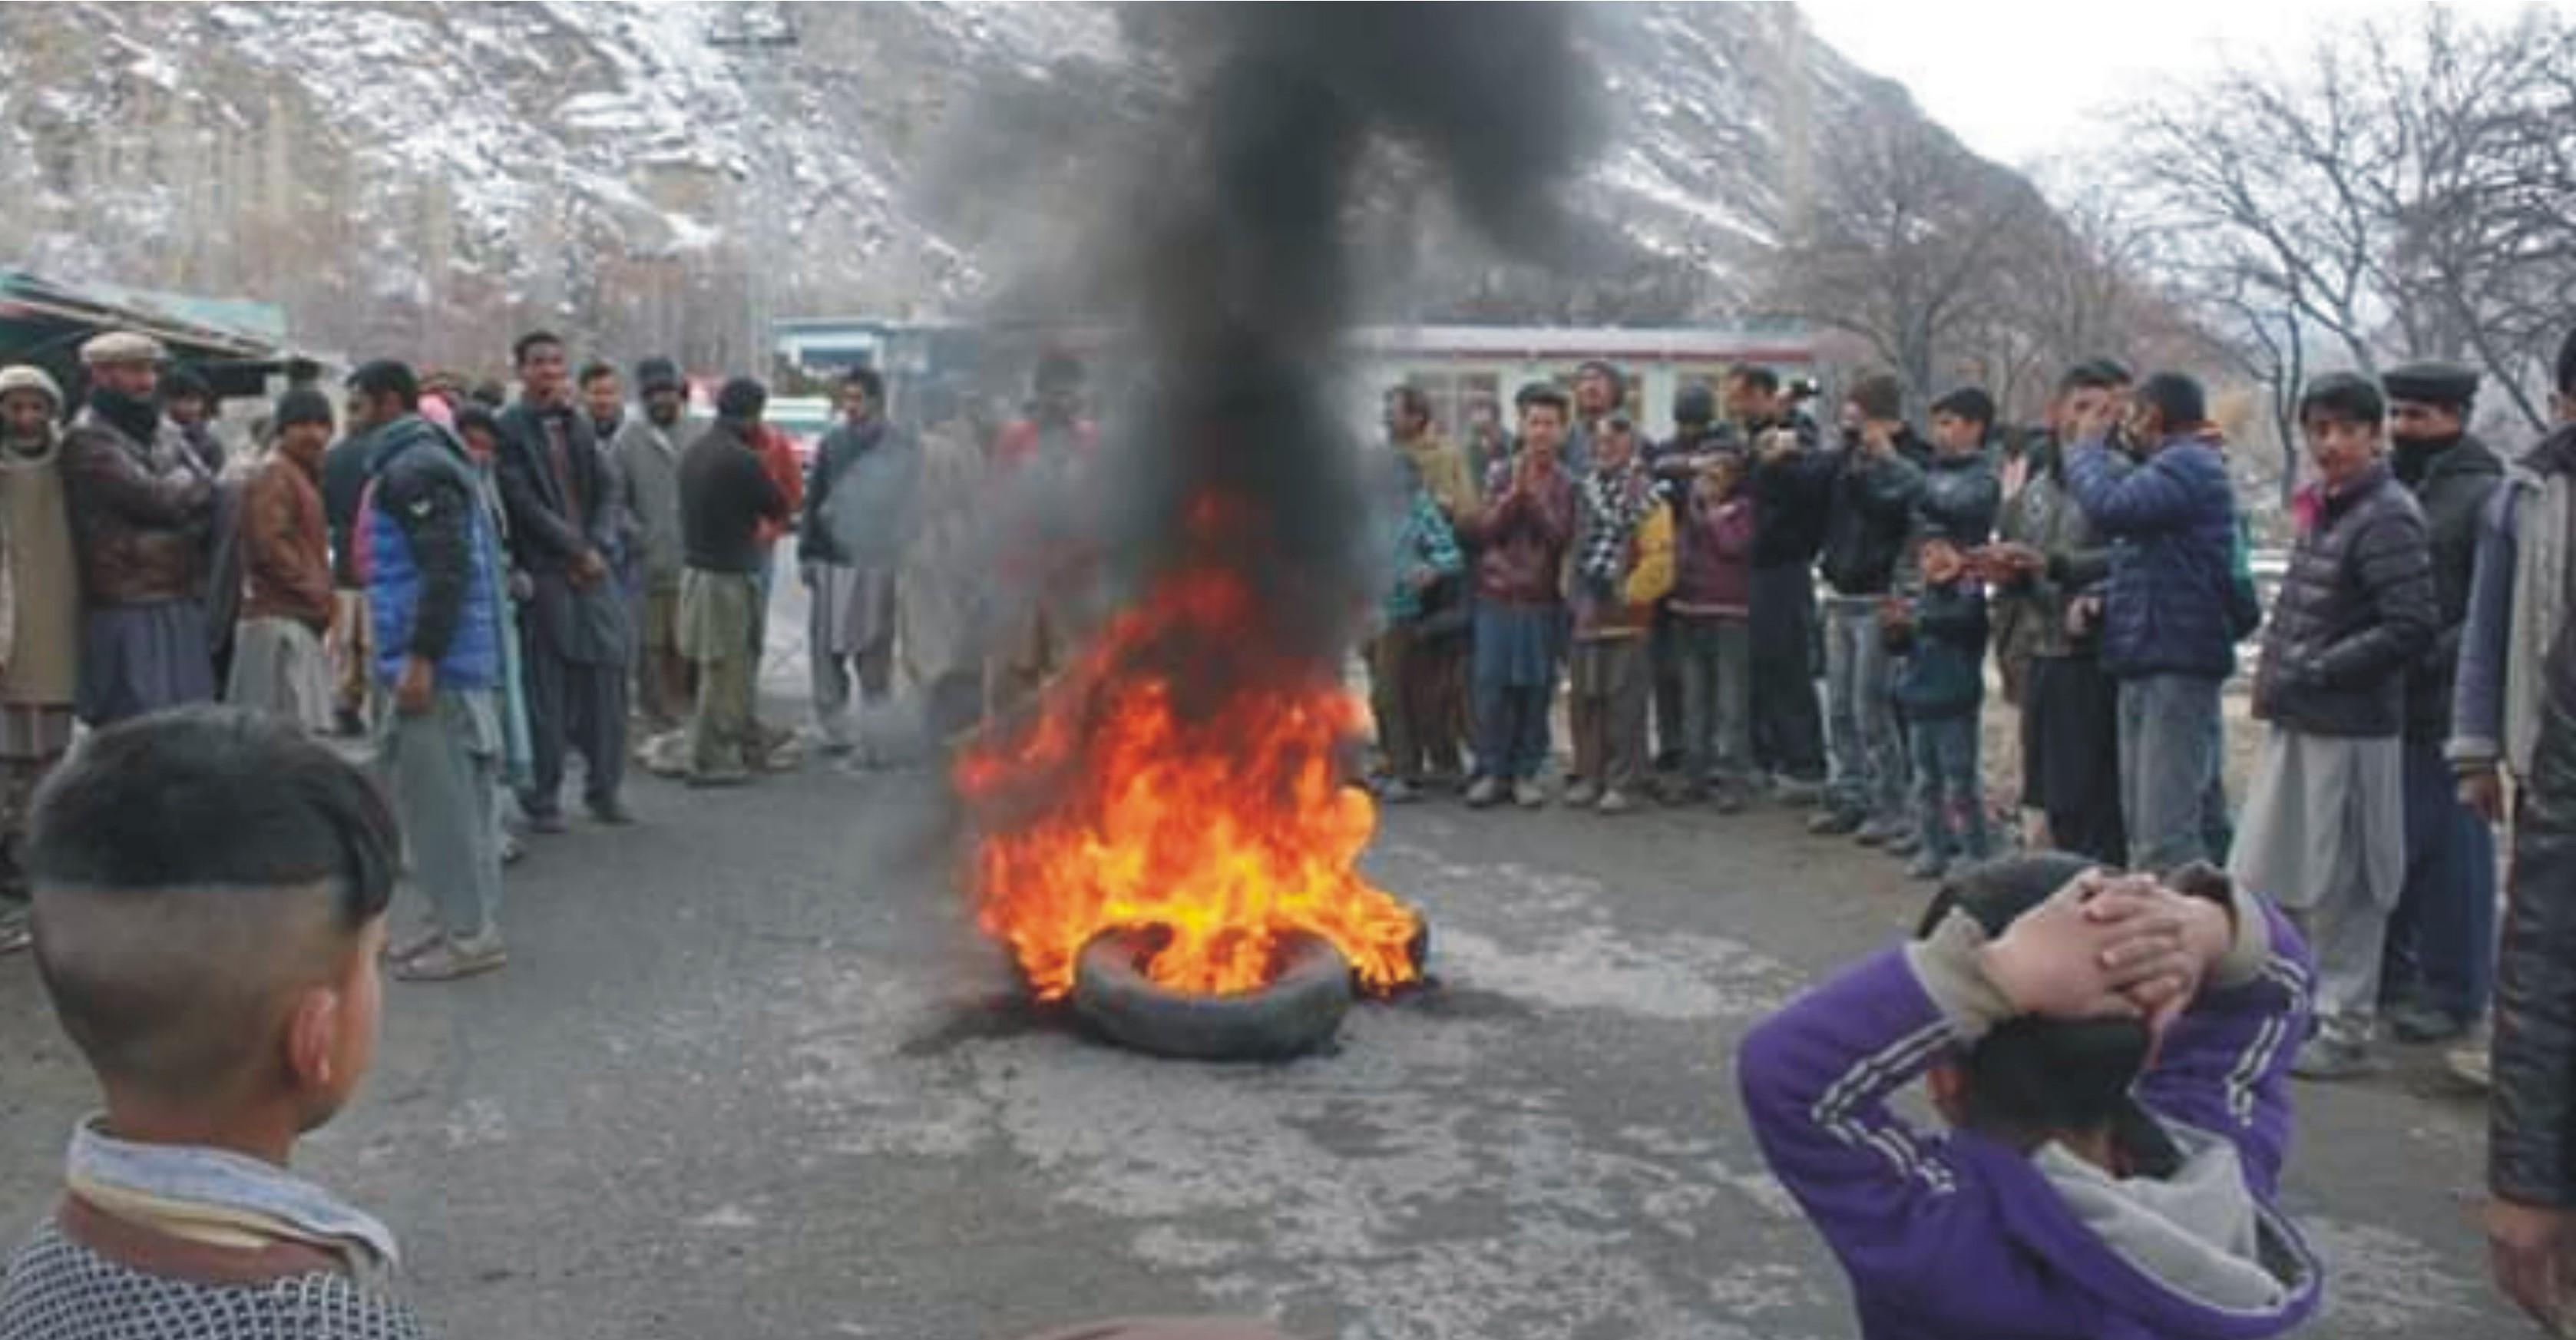 کھرمنگ : مہدی آباد میں پانی کی قلت، مظاہرین نے کارگل روڈ بلاک کرکے احتجاج ریکارڈ کیا